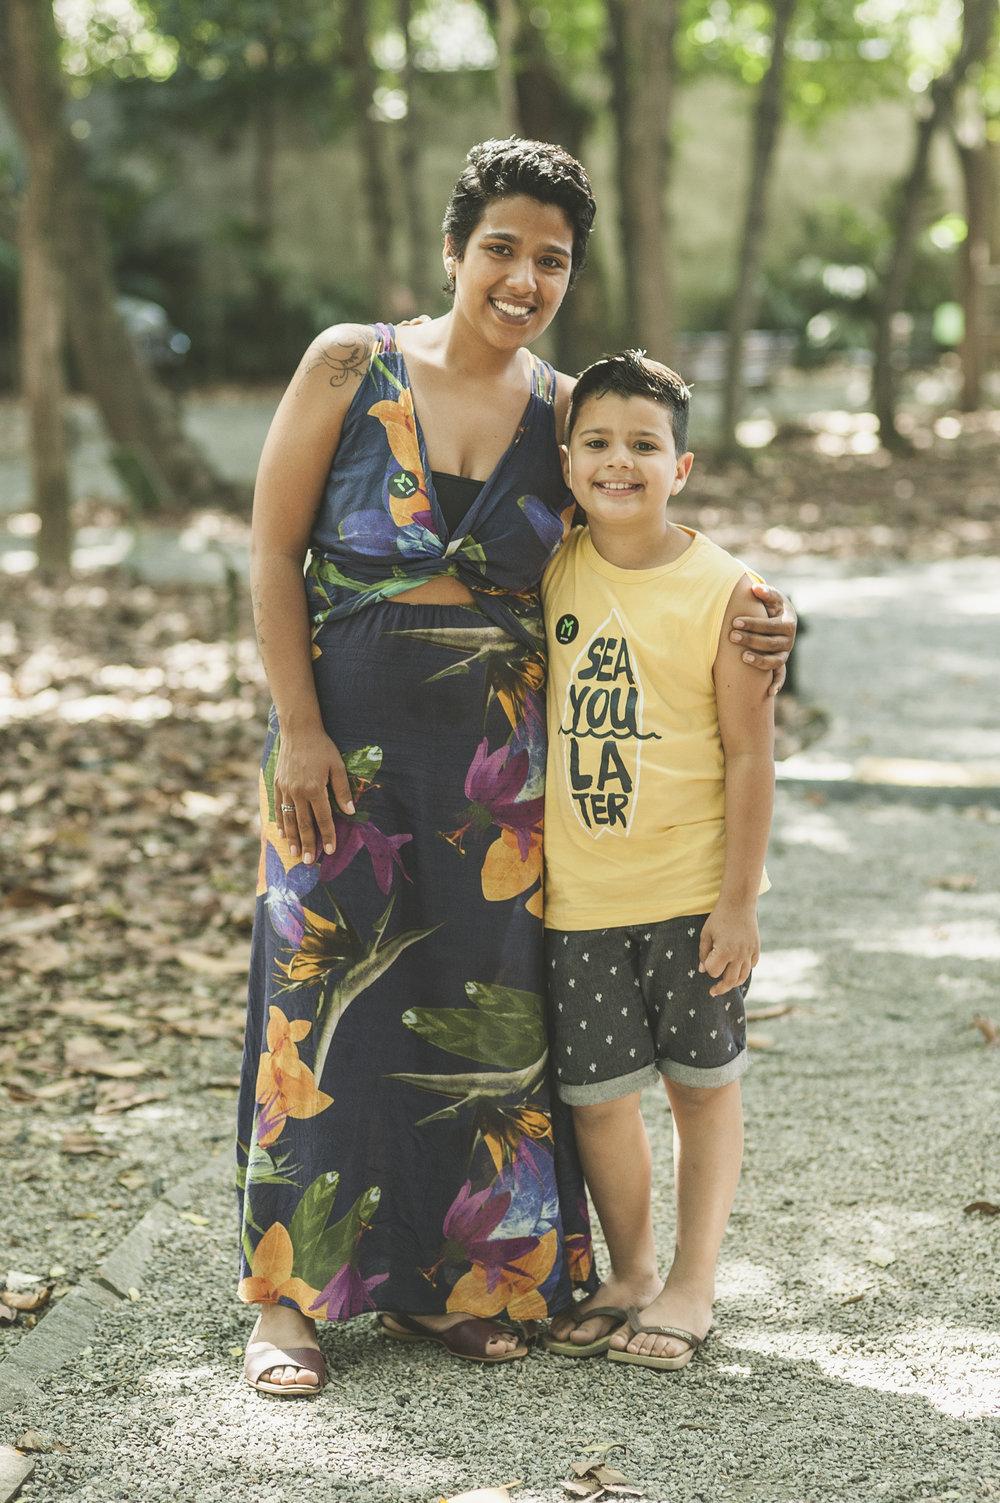 Ao lado da mãe Thaynan Dias, 26, Lorenzo Dias, 8, foi ao #ManualnoMCB ver de pertinho o trabalho dos amigos da  Amoras , que levou delícias veganas e crudívoras à praça gastronômica do festival. Os dois aproveitaram o dia ainda a programação de shows e o parquinho com brinquedos Erê Lab.